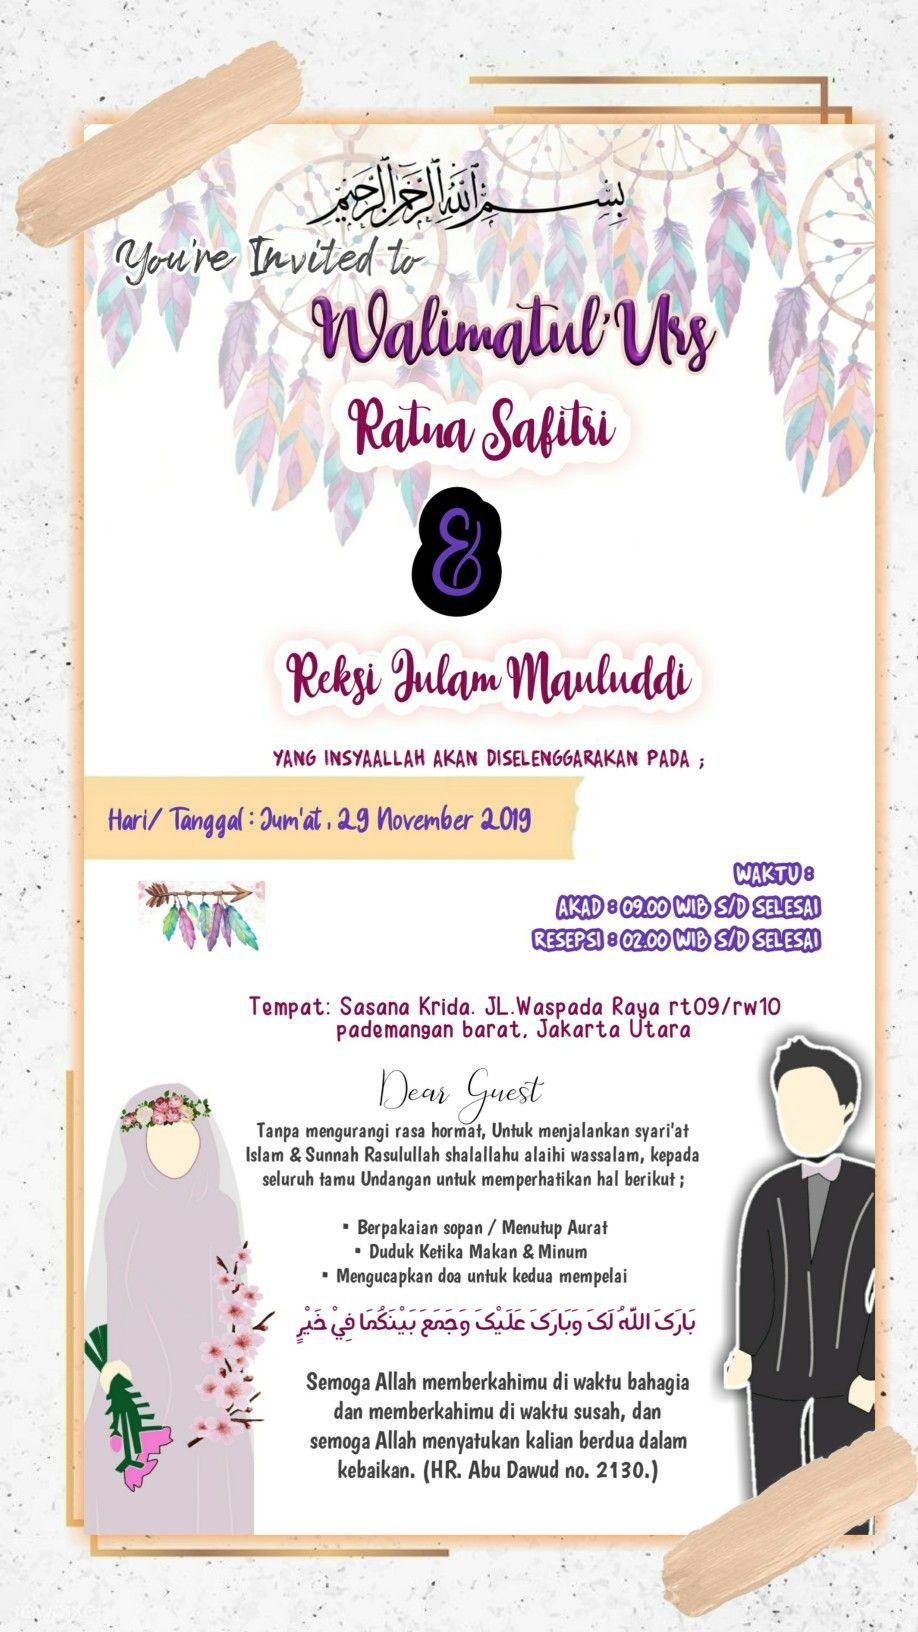 Undangan Digital Muslim Undangan Pernikahan Lucu Kartu Undangan Pernikahan Kartu Pernikahan